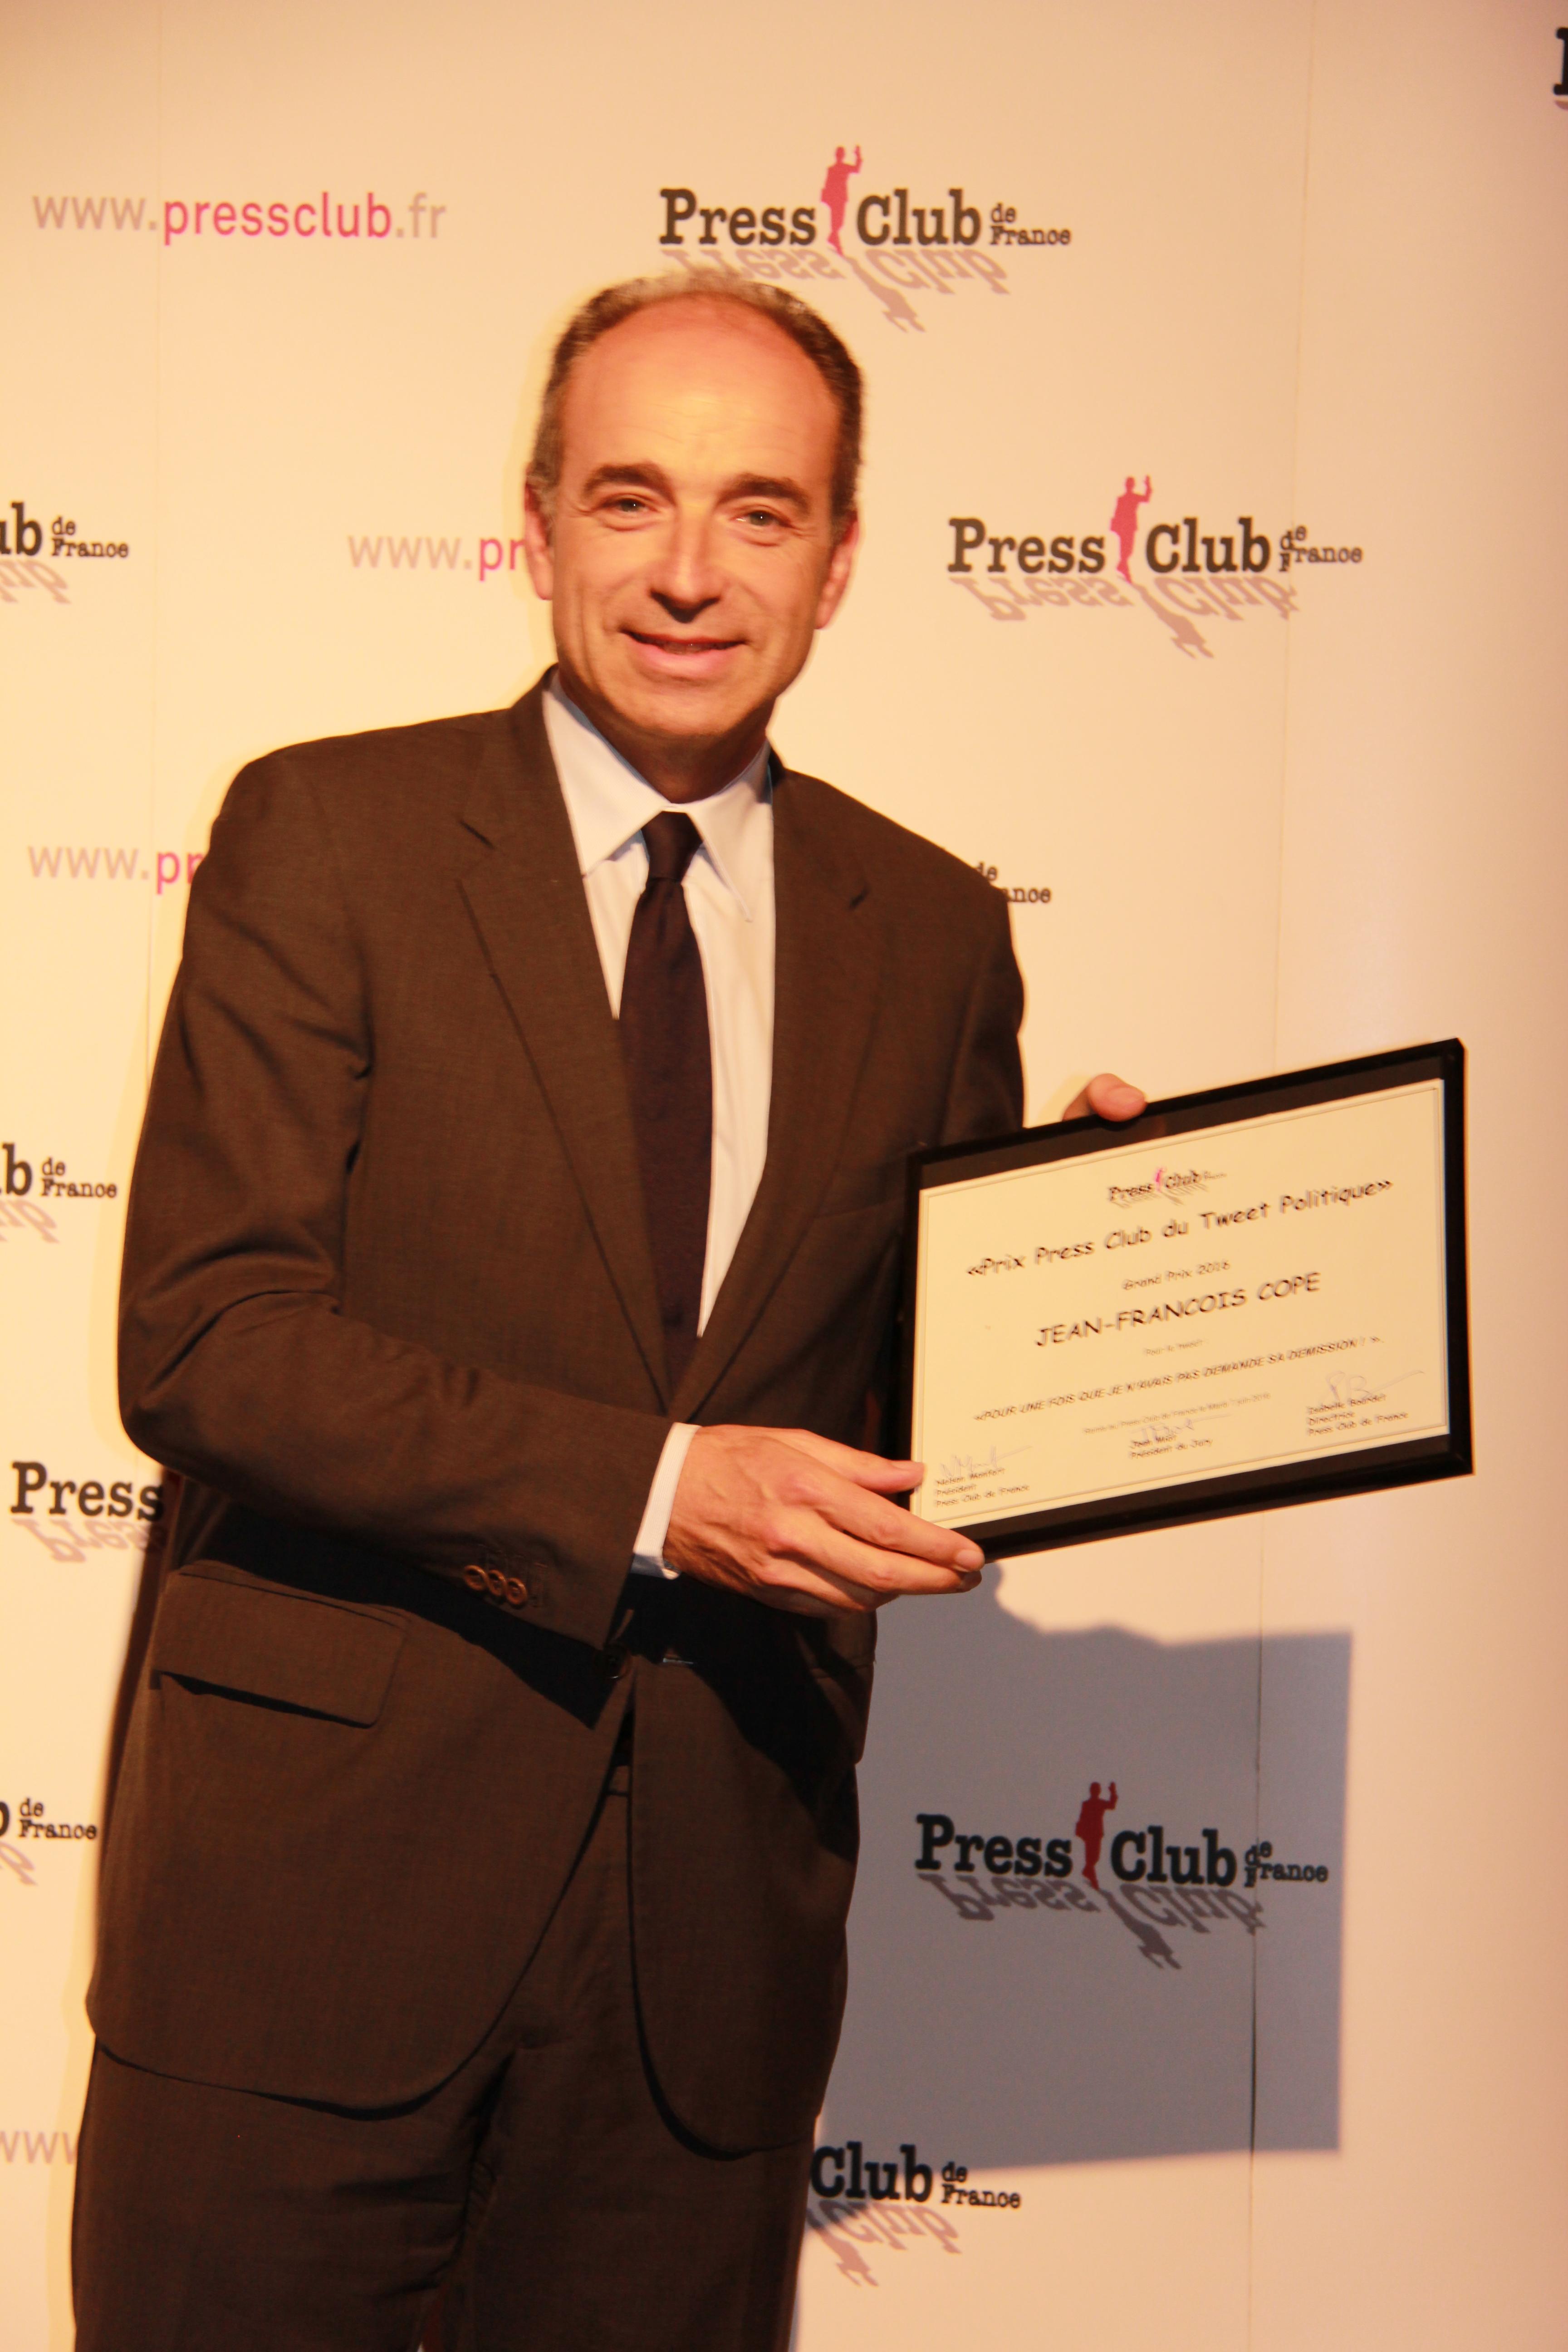 Jean-François Copé - Lauréat du Grand Prix Press Club du Tweet Politique 2016